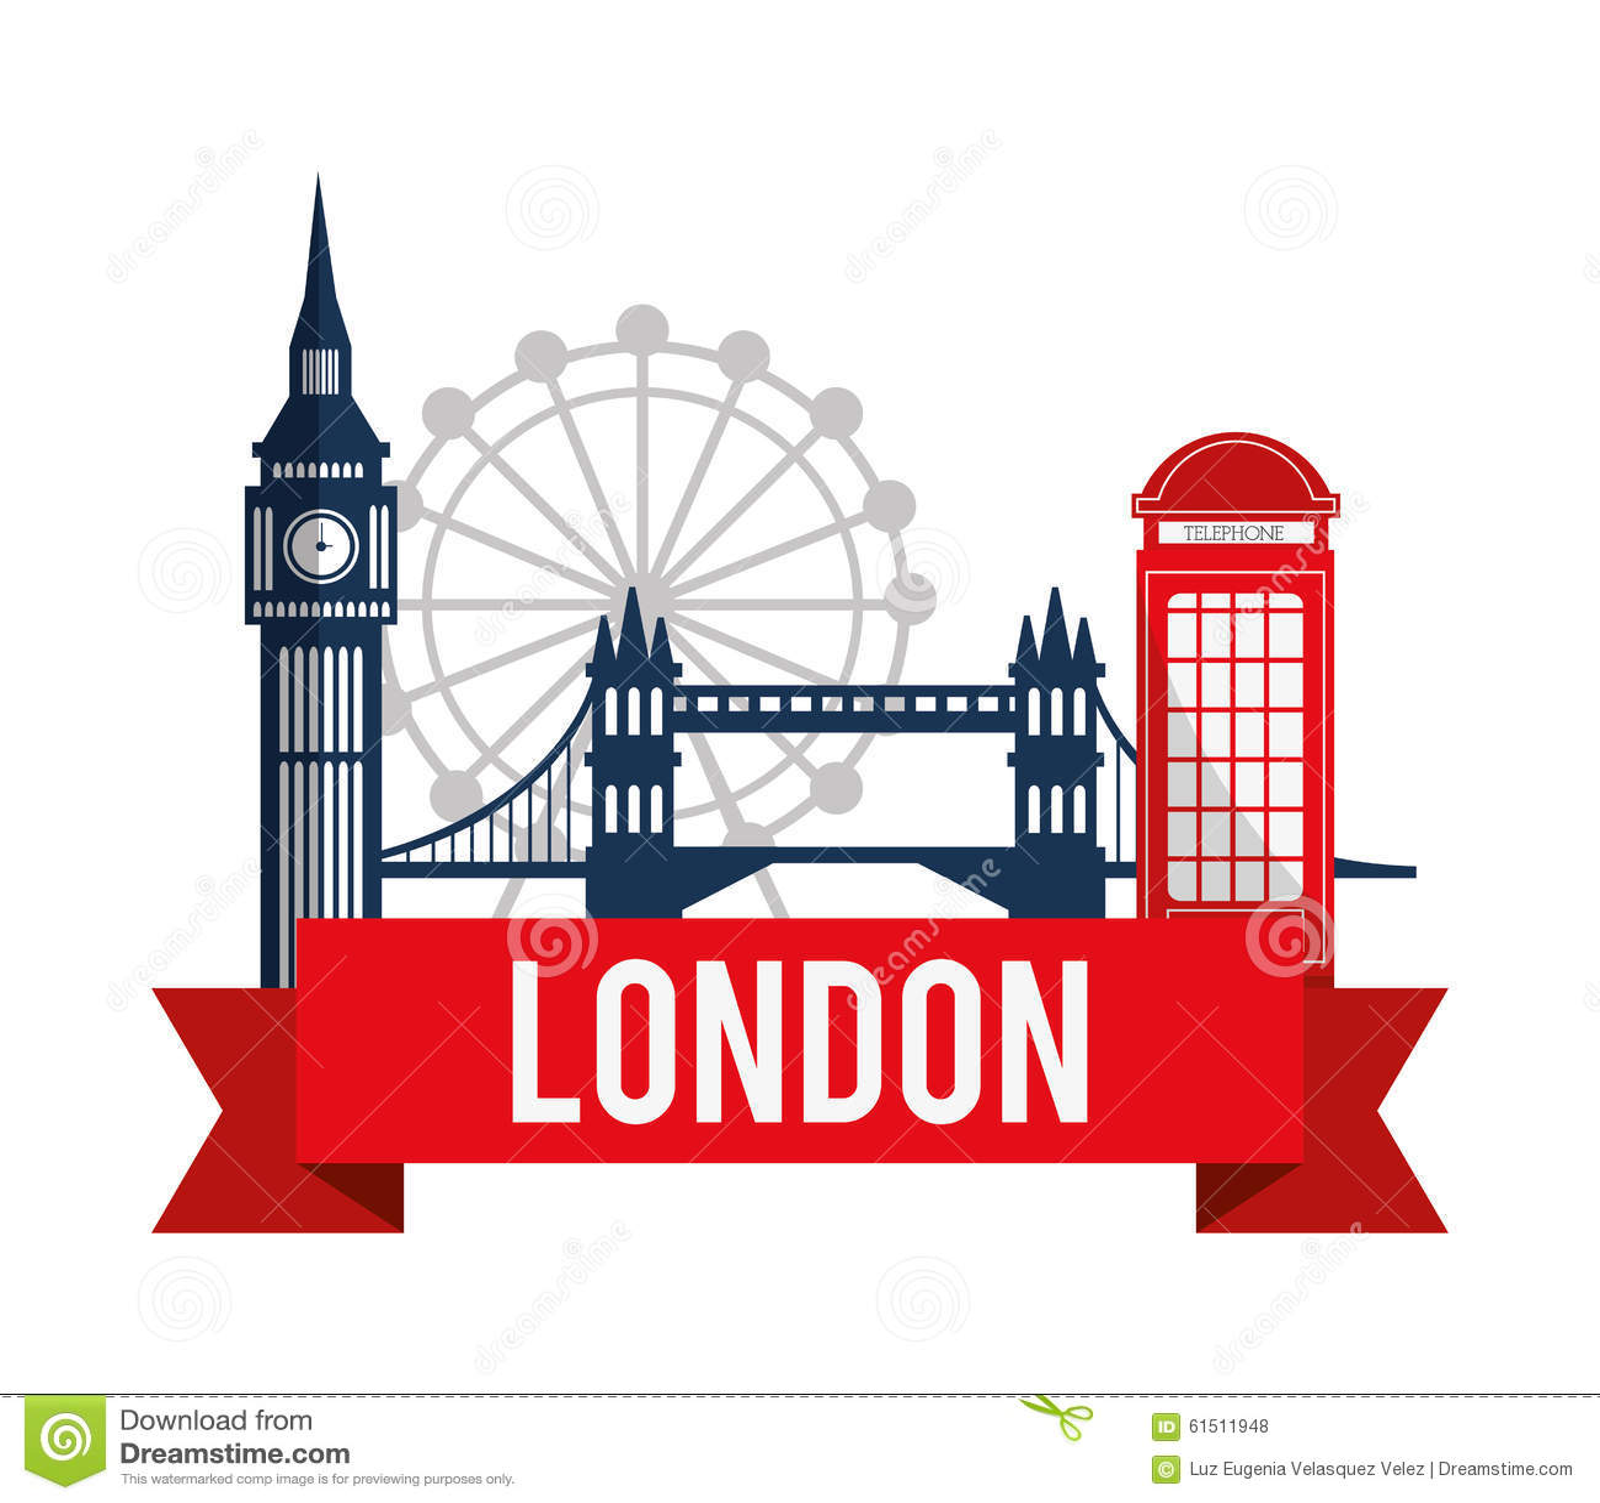 London landmarks design stock vector illustration of for Design bridge london